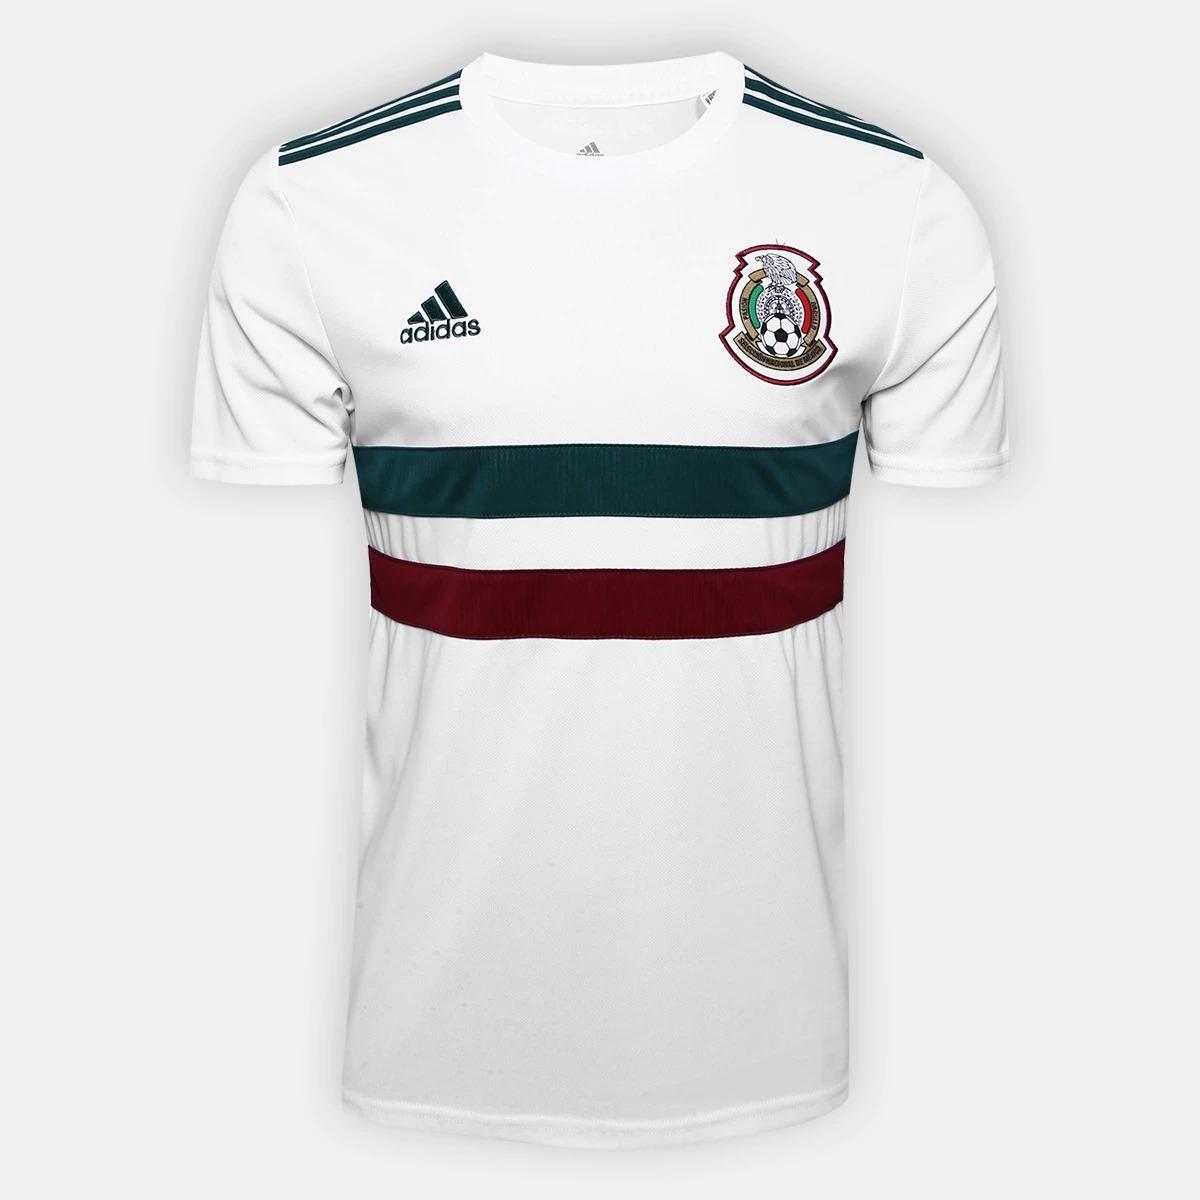 playera selección mexicana mundial rusia 2018 méxico aficion. Cargando zoom. 9ce864eaf7509